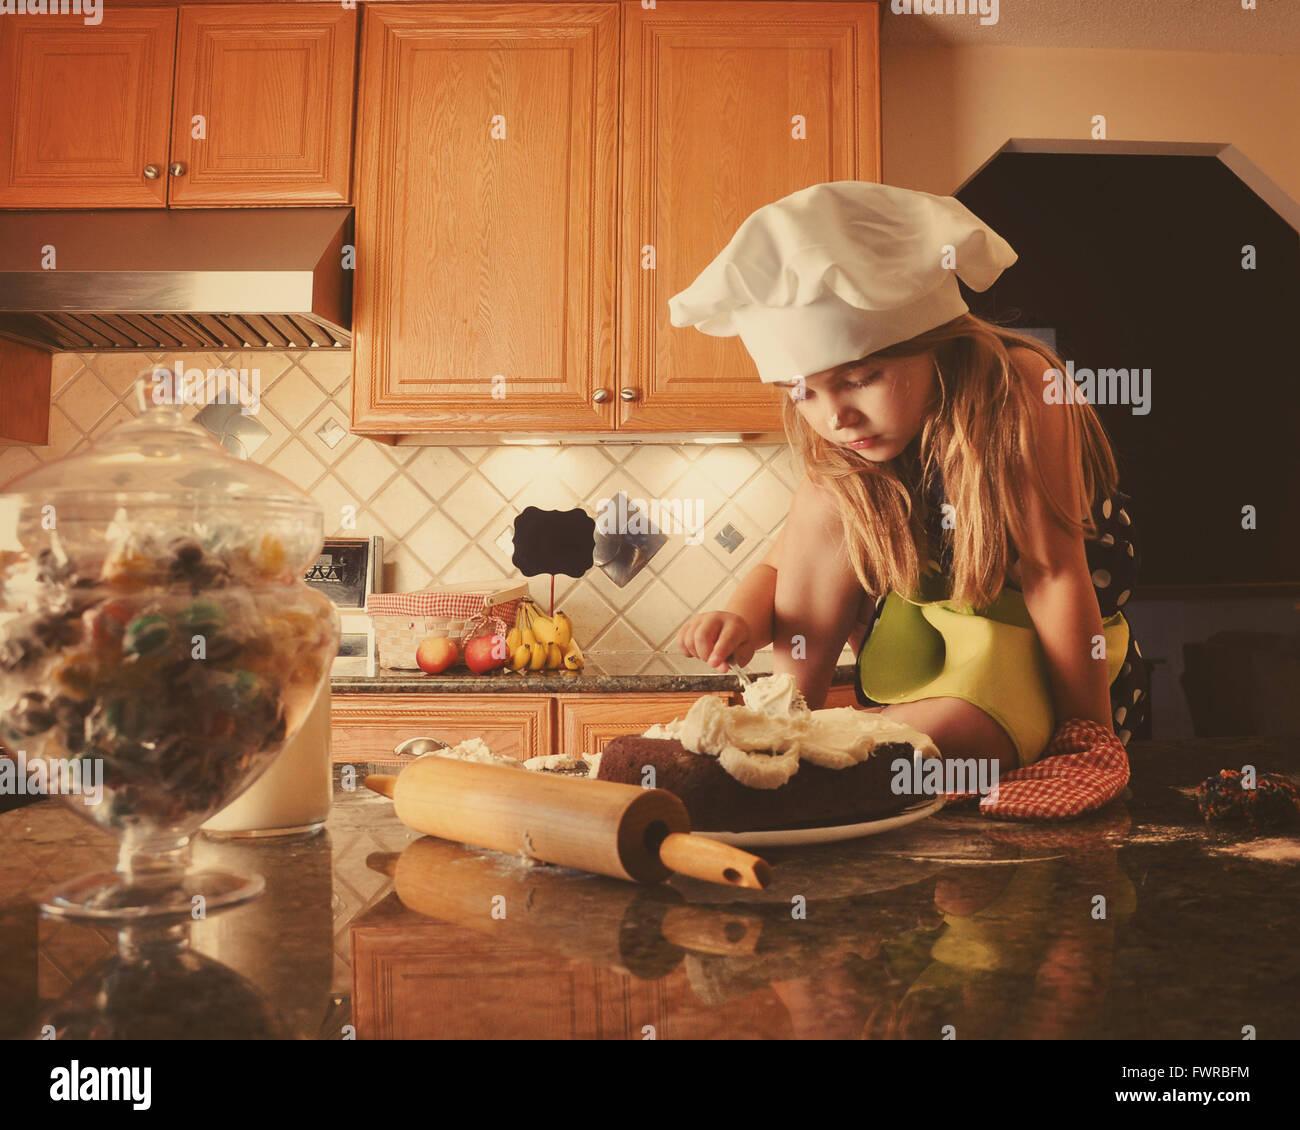 Un petit enfant est le glaçage d'un gâteau dans la cuisine pour une boulangerie, l'alimentation Photo Stock